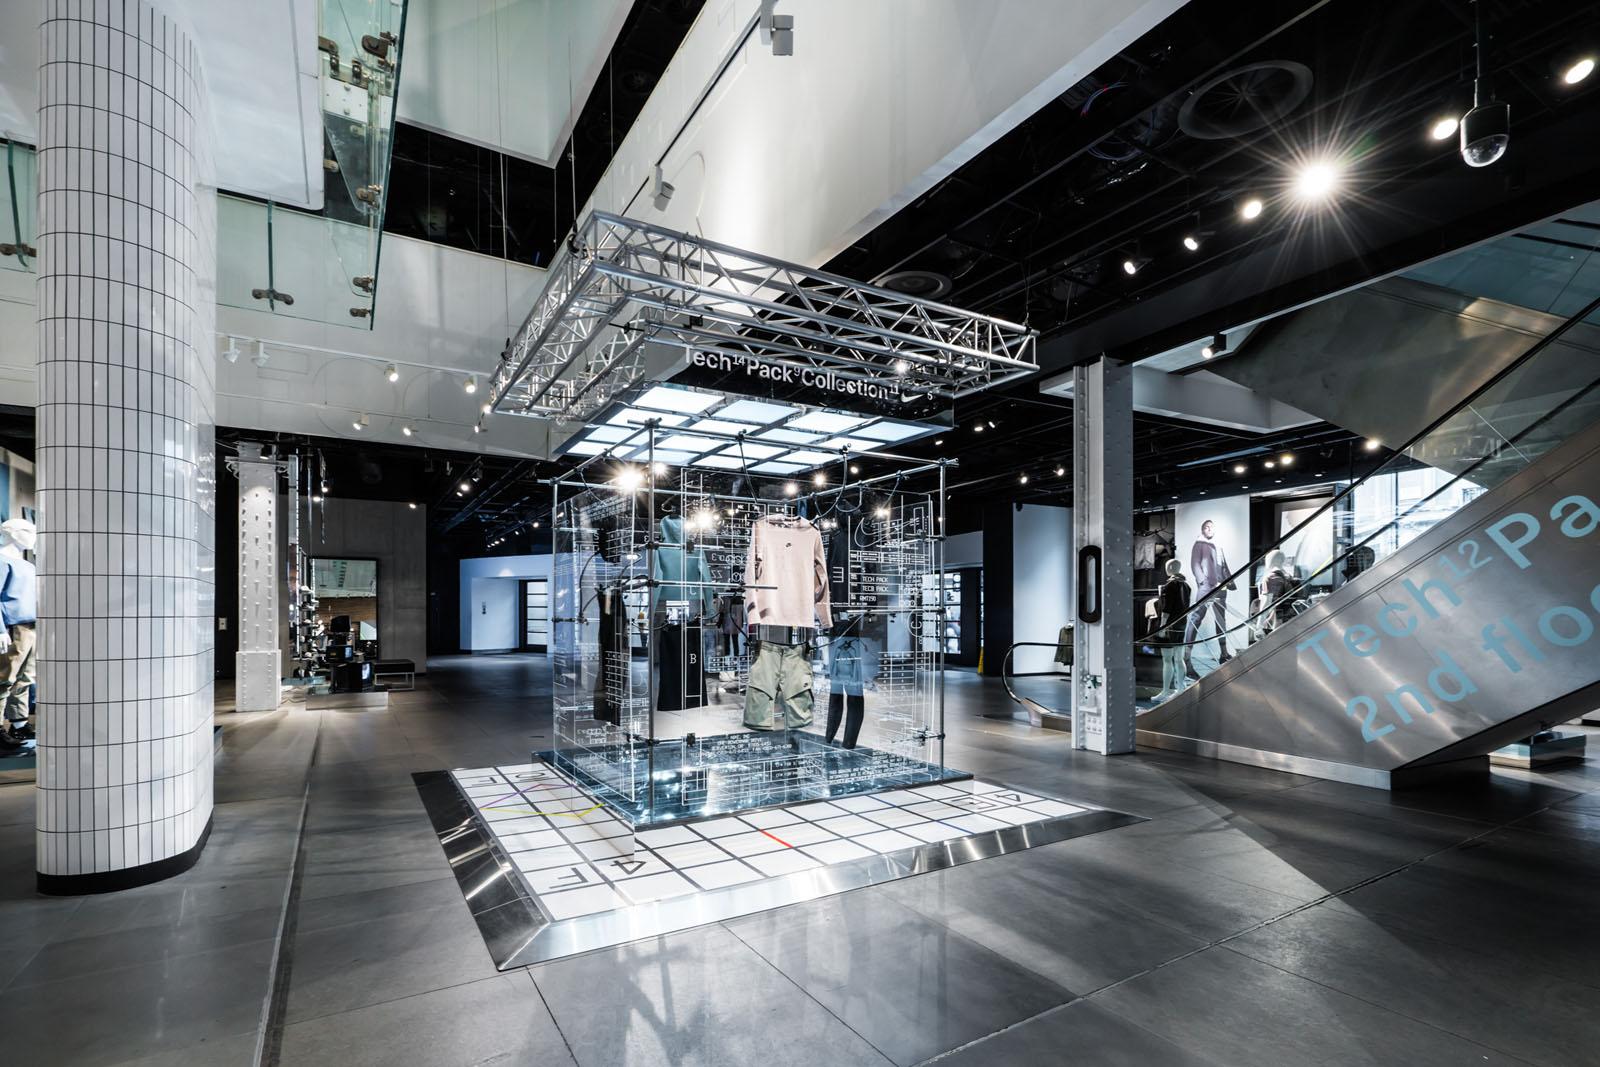 NikeTown Tech Pack 3d Installations - Maarten Vis Design